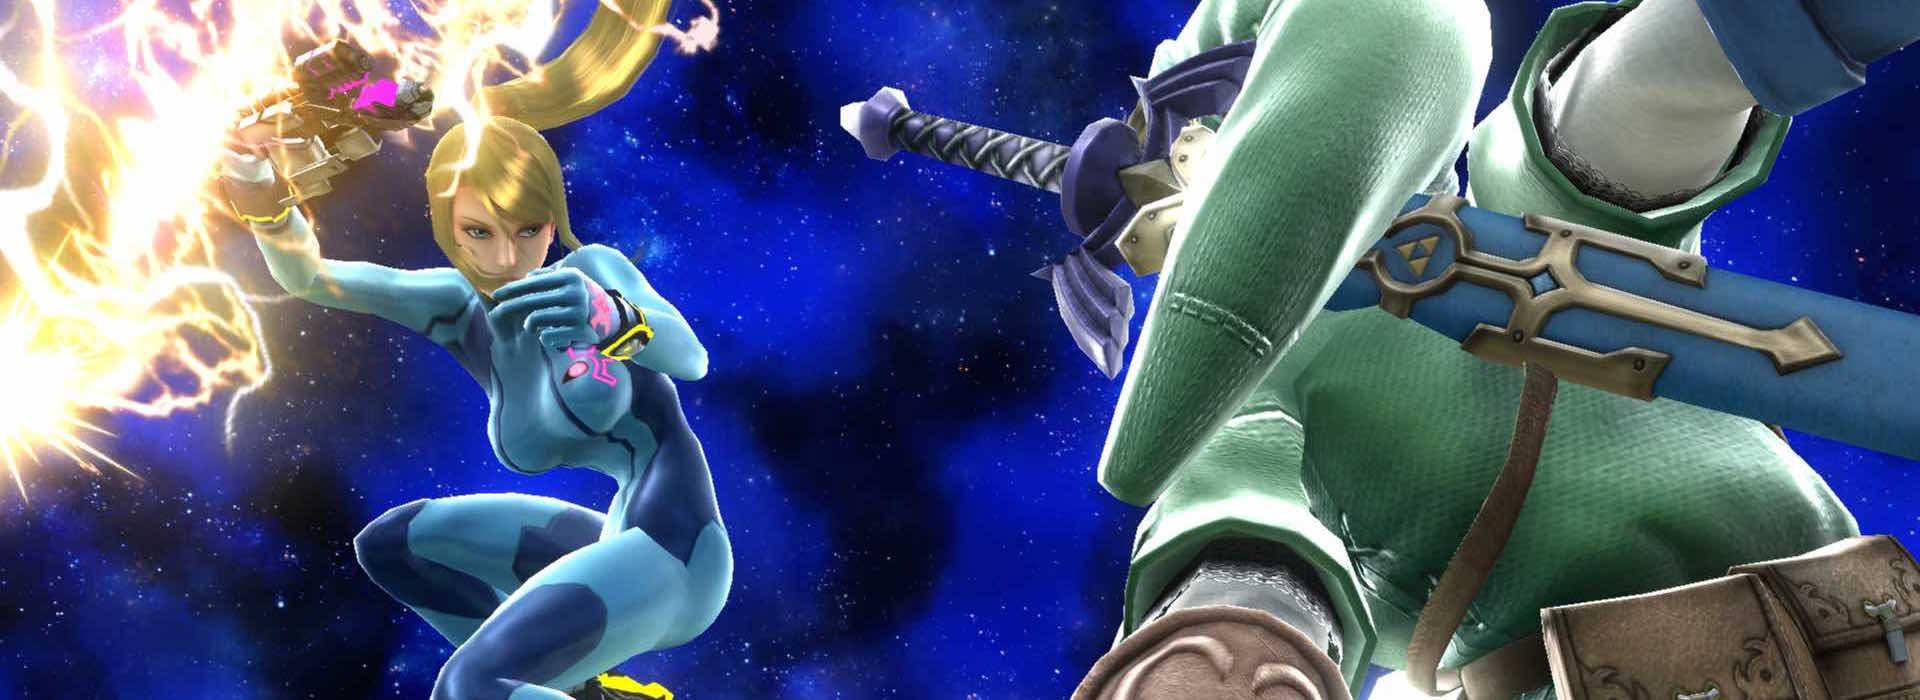 Zero Suit Samus amiibo (No. 40 Super Smash Bros ...